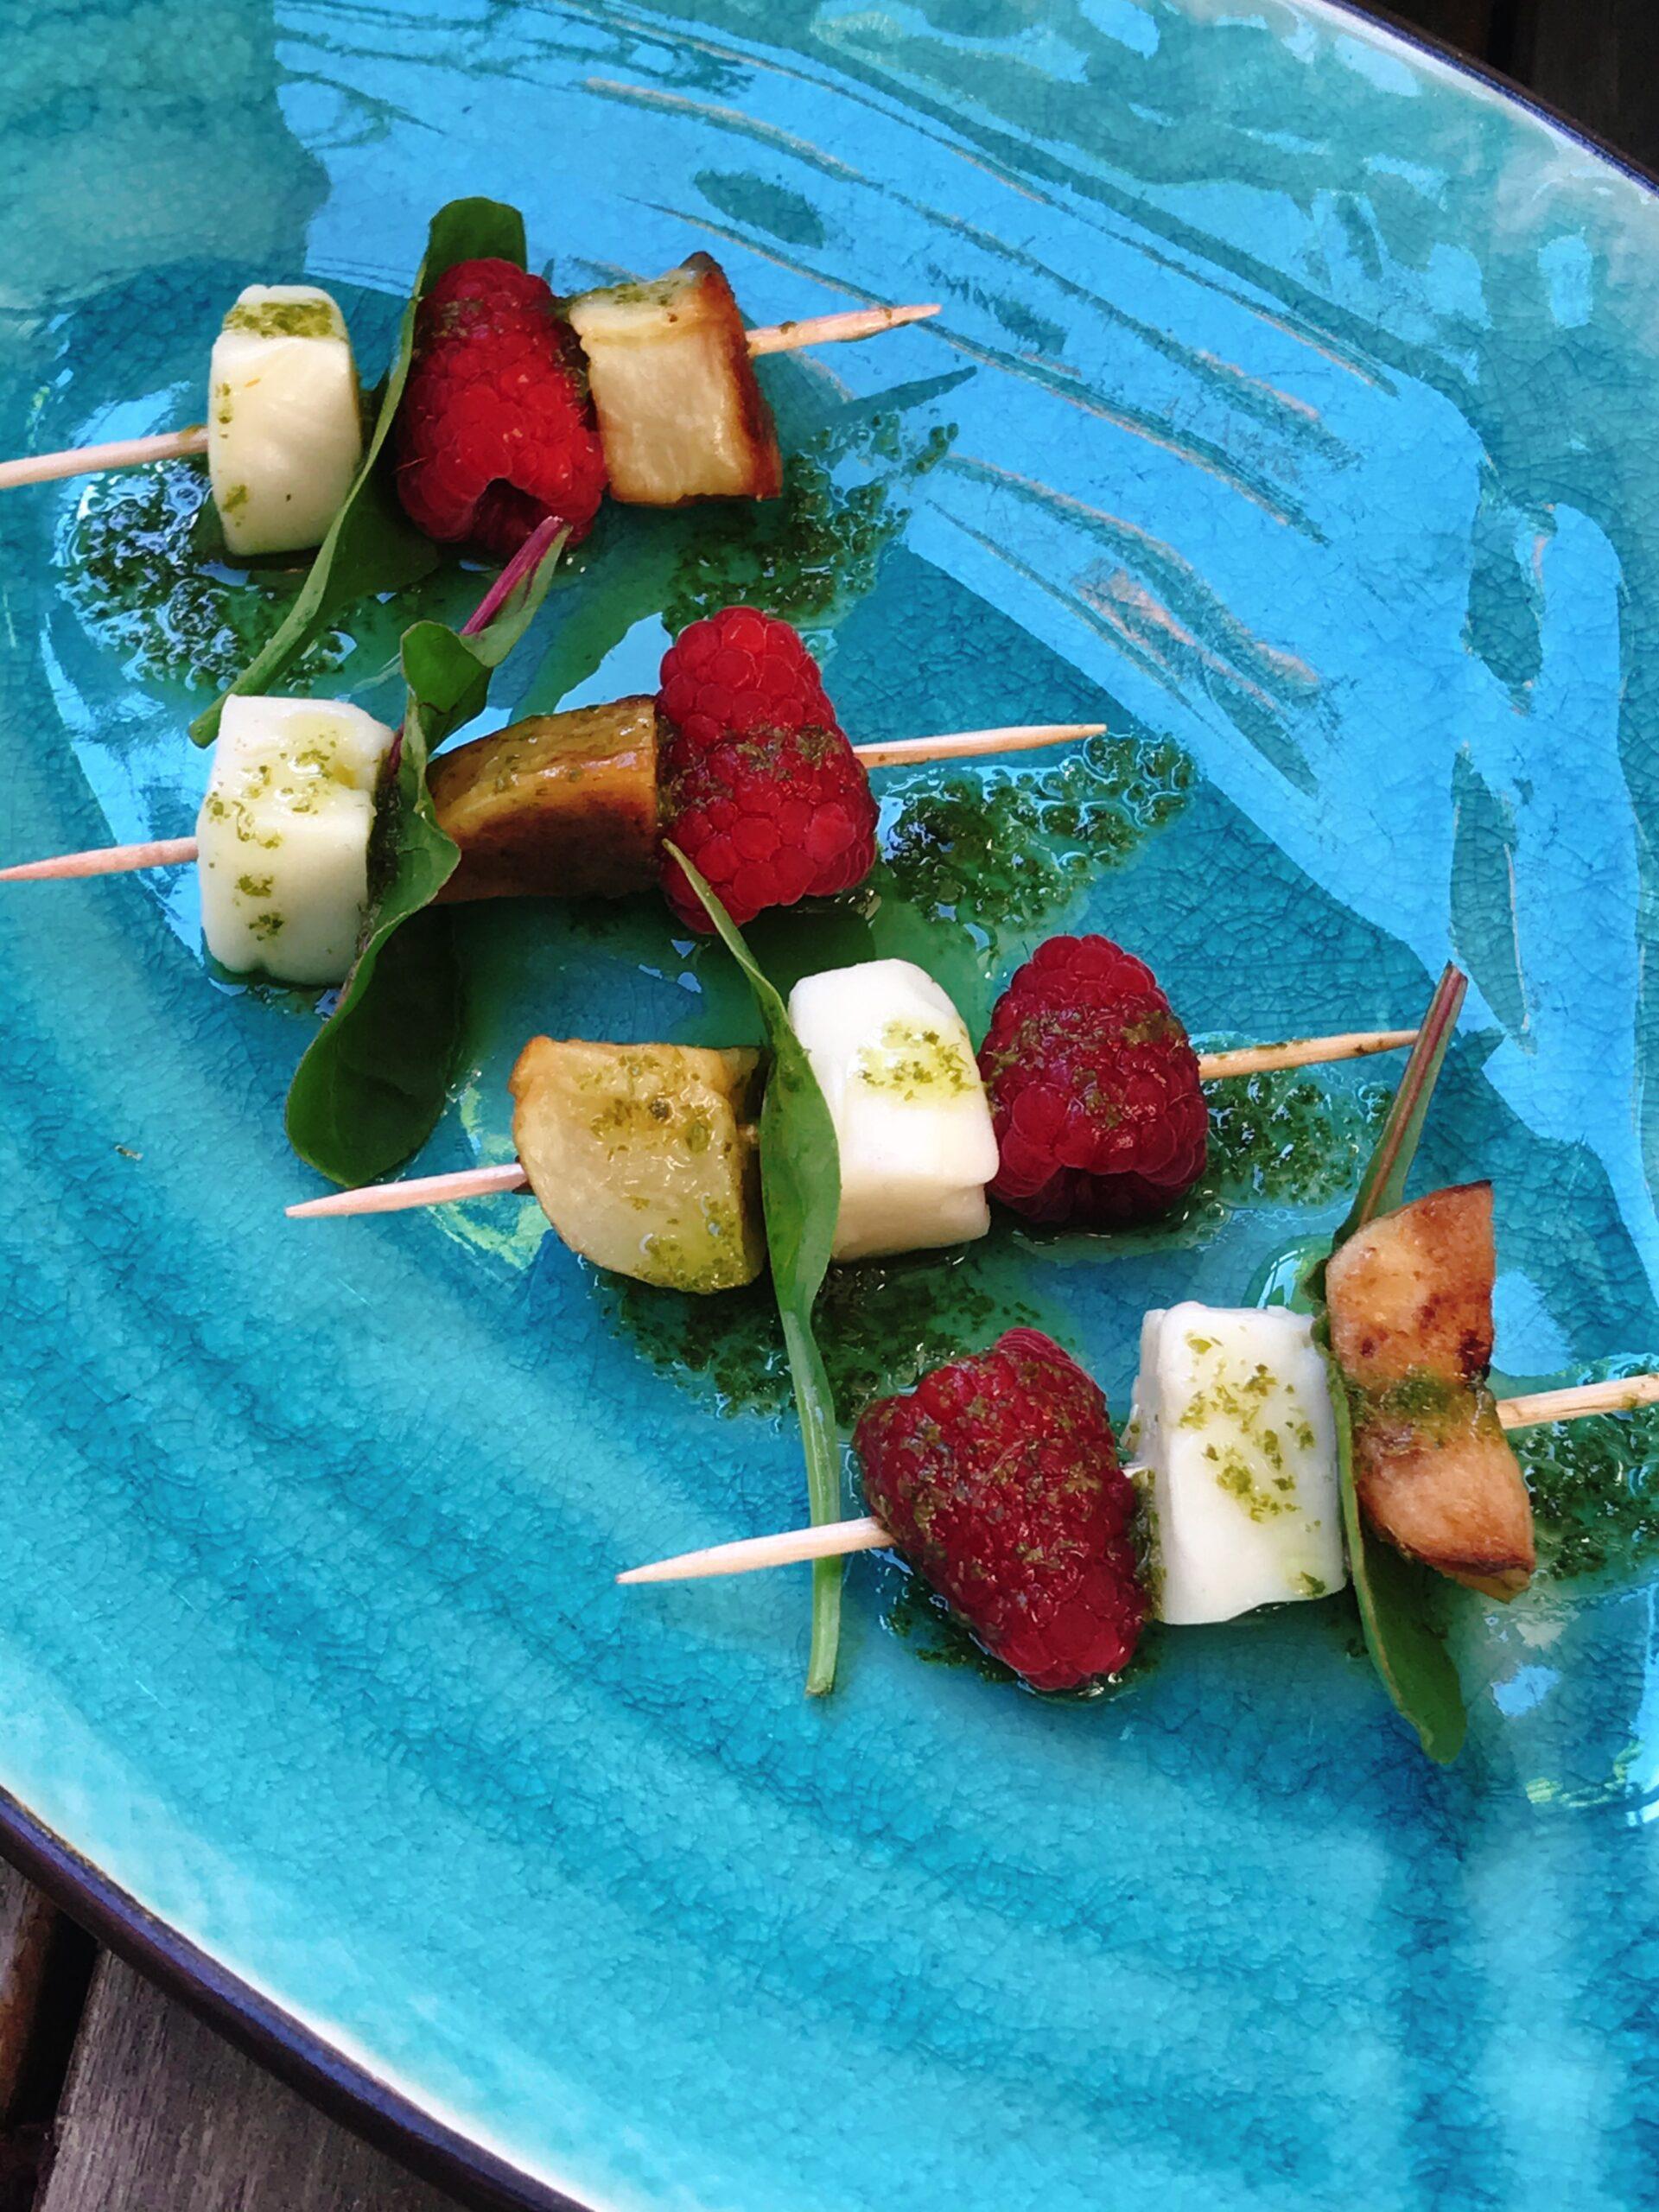 Minispett med hallon, taleggio, rostad potatis och örtolja